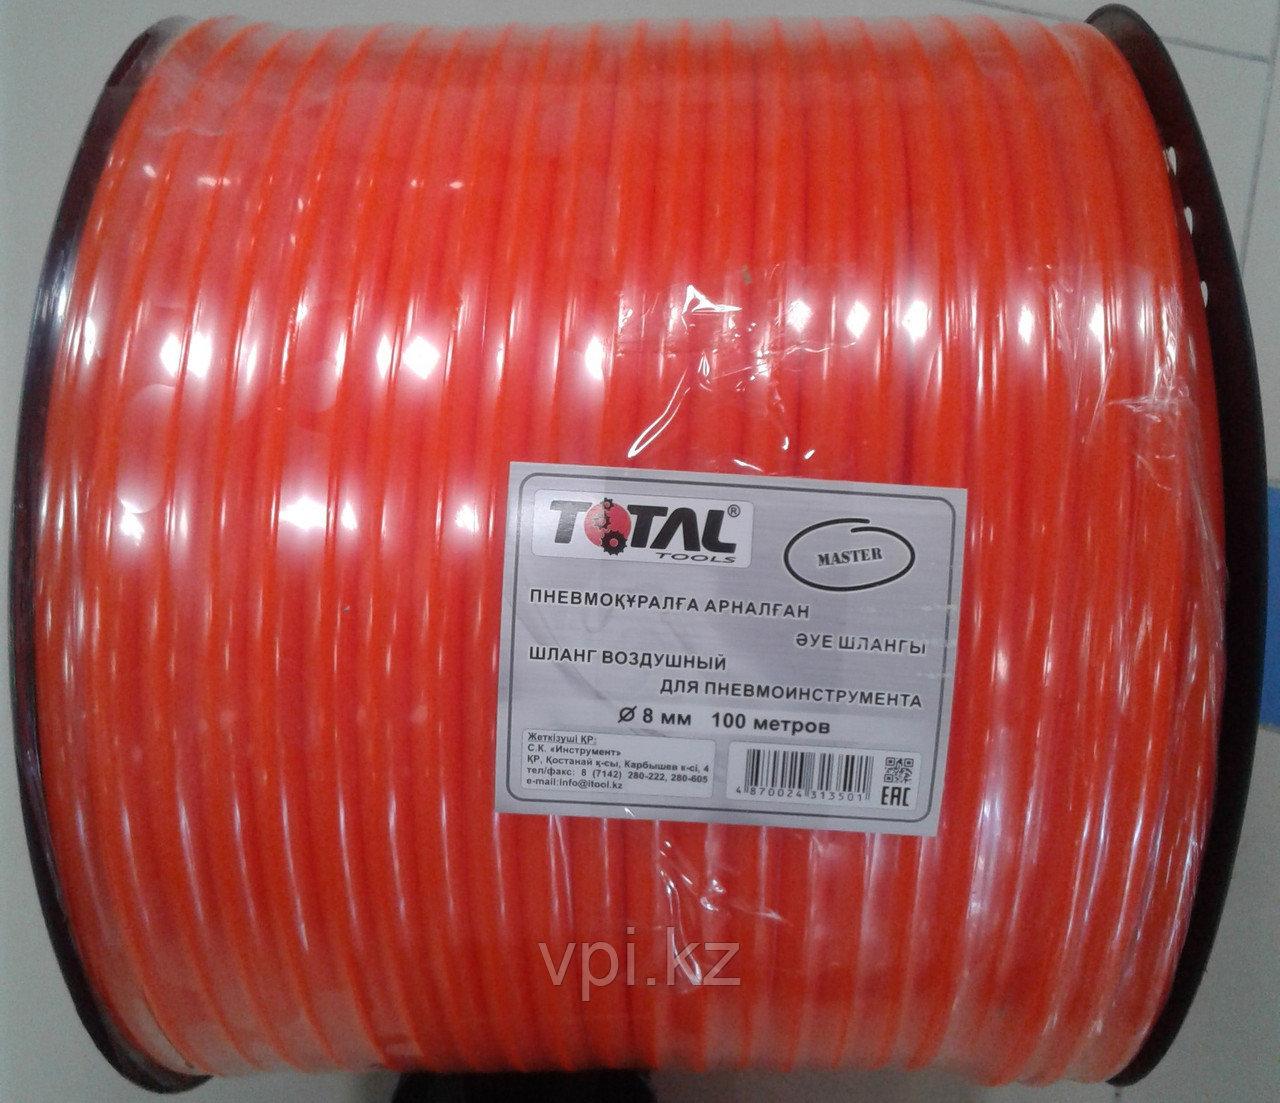 Шланг воздушный для компрессора, 5мм, 8 АТМ, PE (оранжевый), TOTAL TOOLS, цена за 1м.